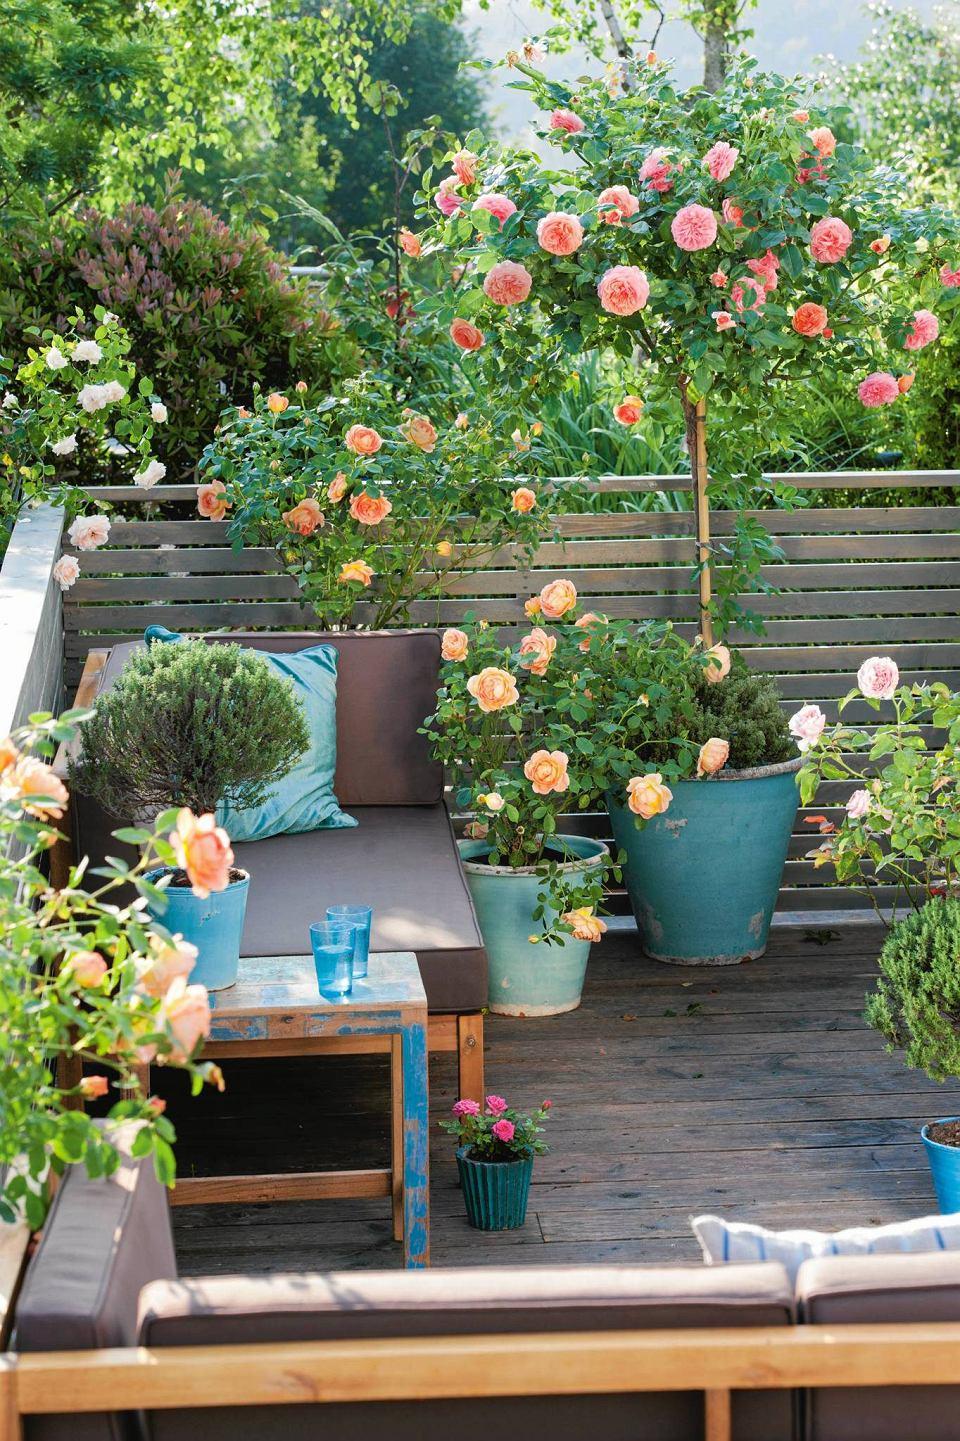 Różane drzewko nie zajmuje dużo miejsca - zmieści się więc i na bardzo małym balkonie.